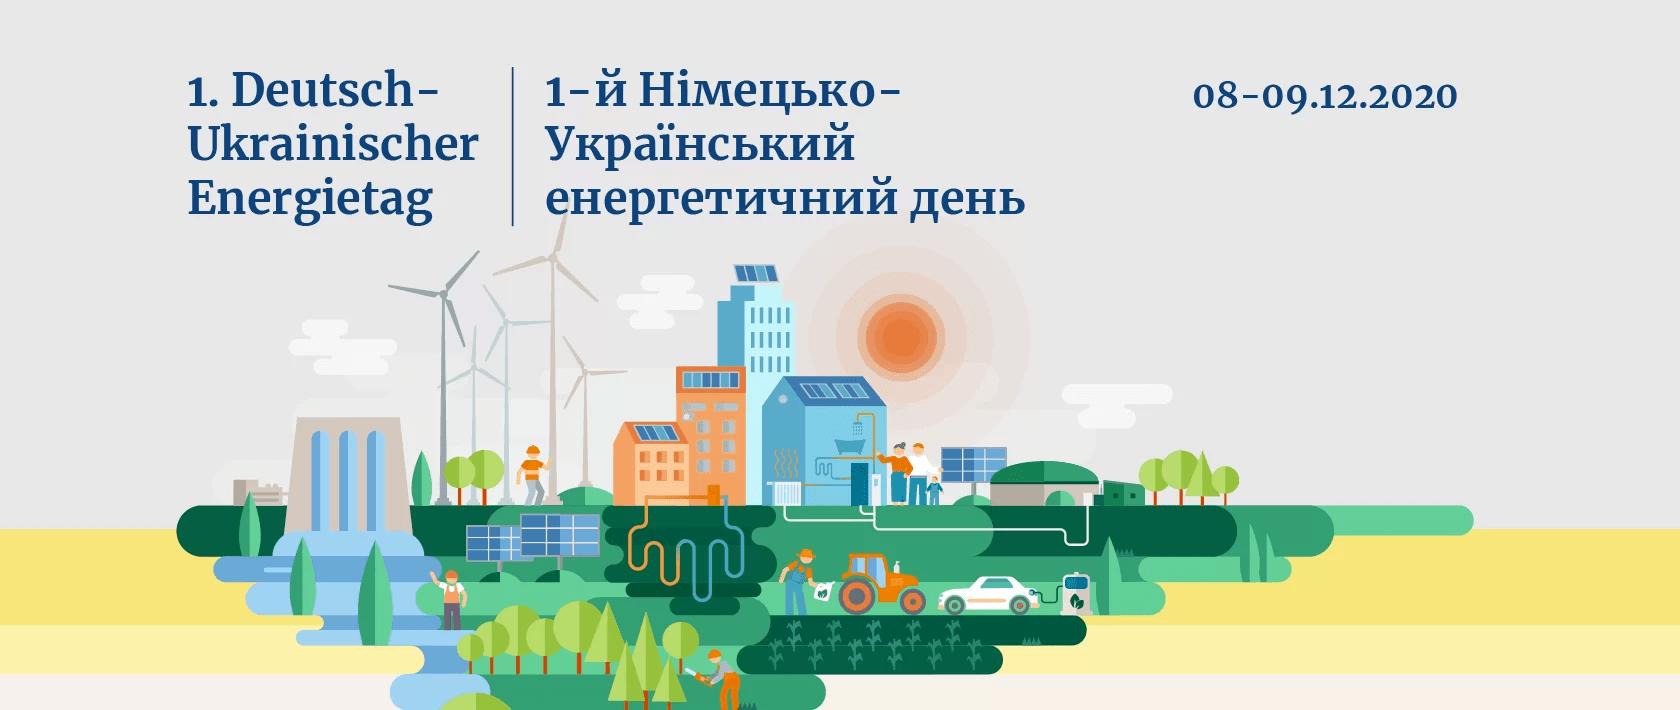 Немецко-Украинский энергетический день